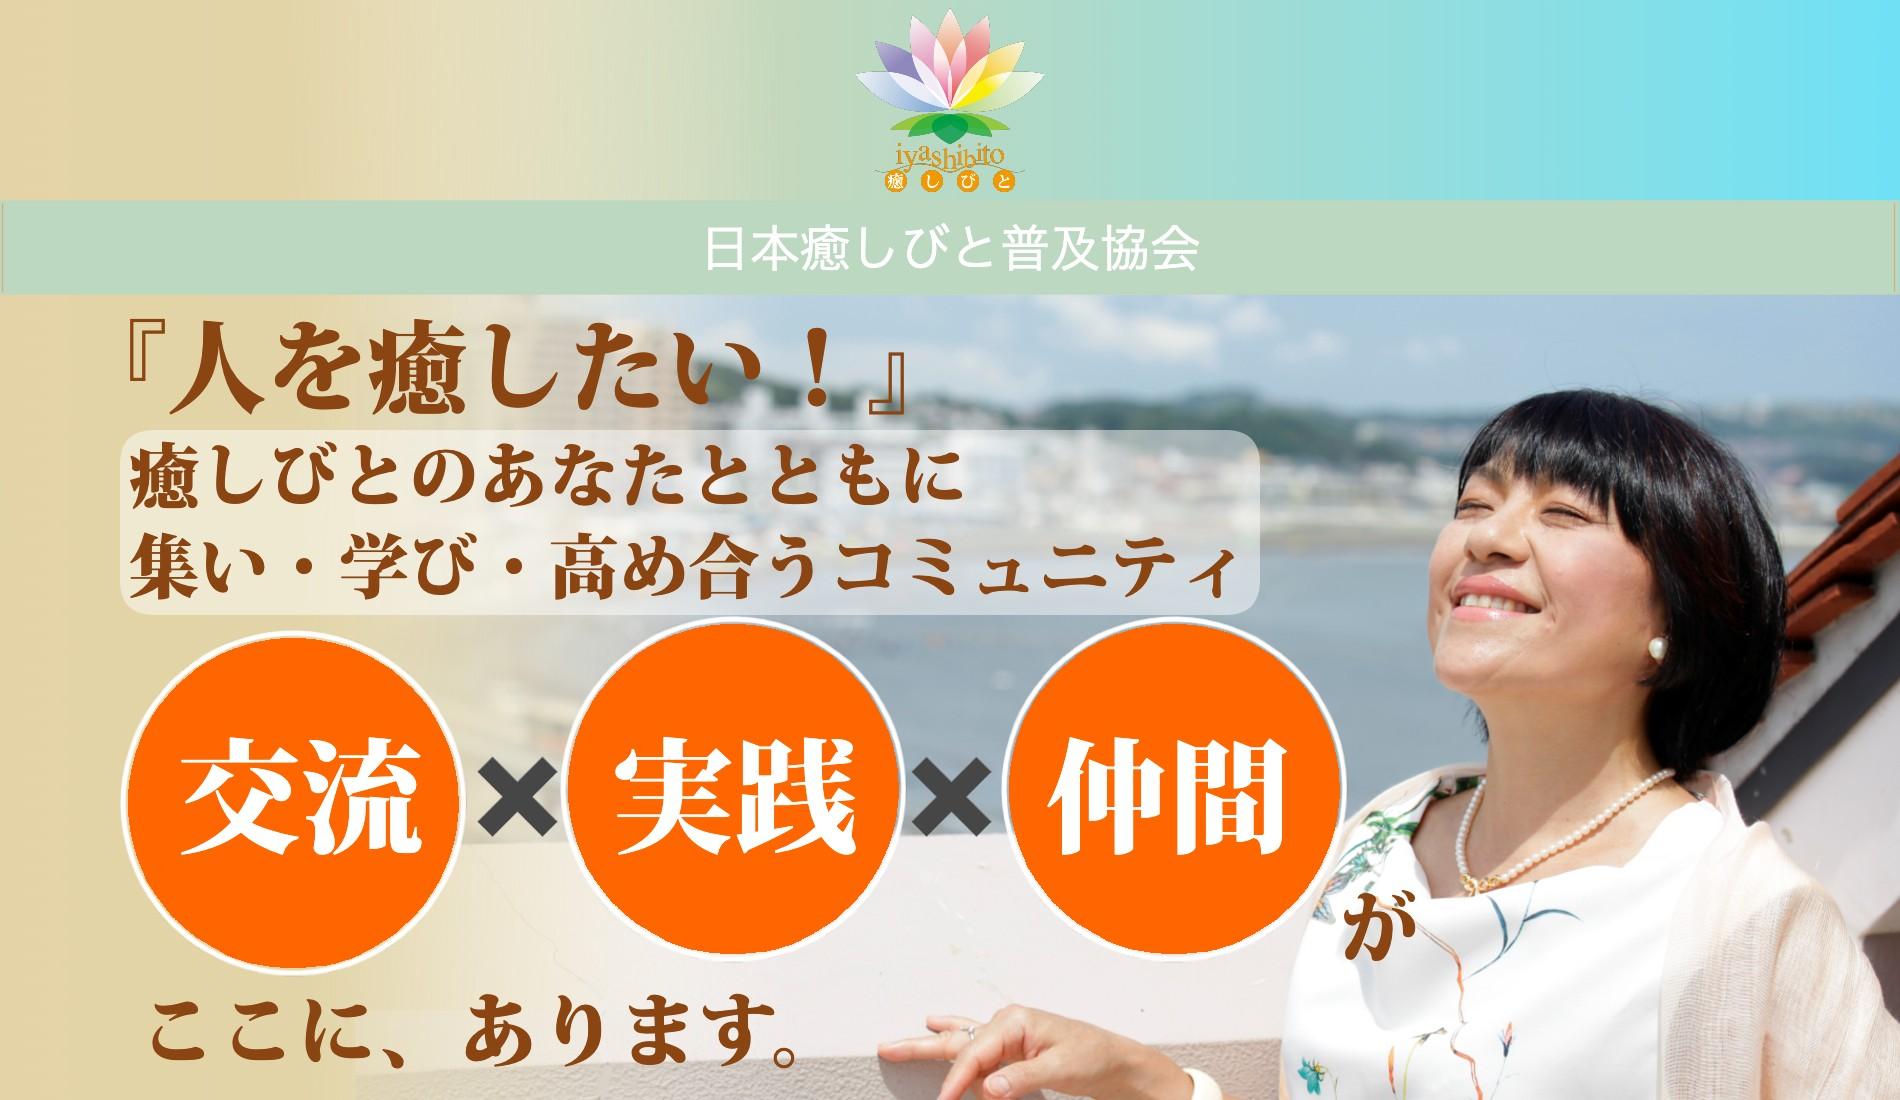 日本癒しびと普及協会